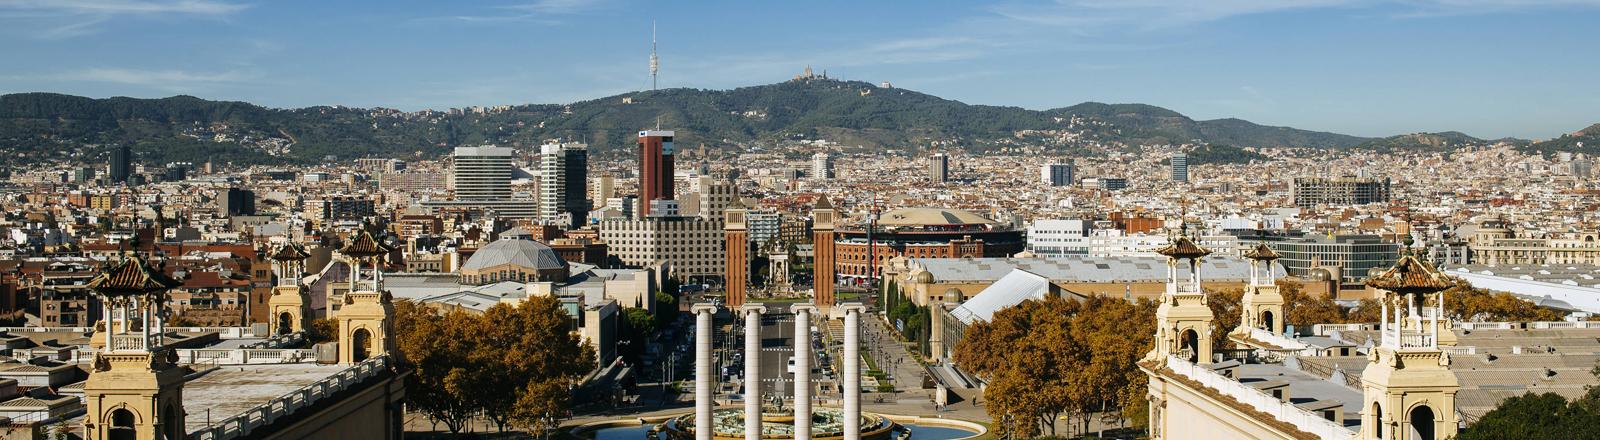 Stadtansicht von Barcelona